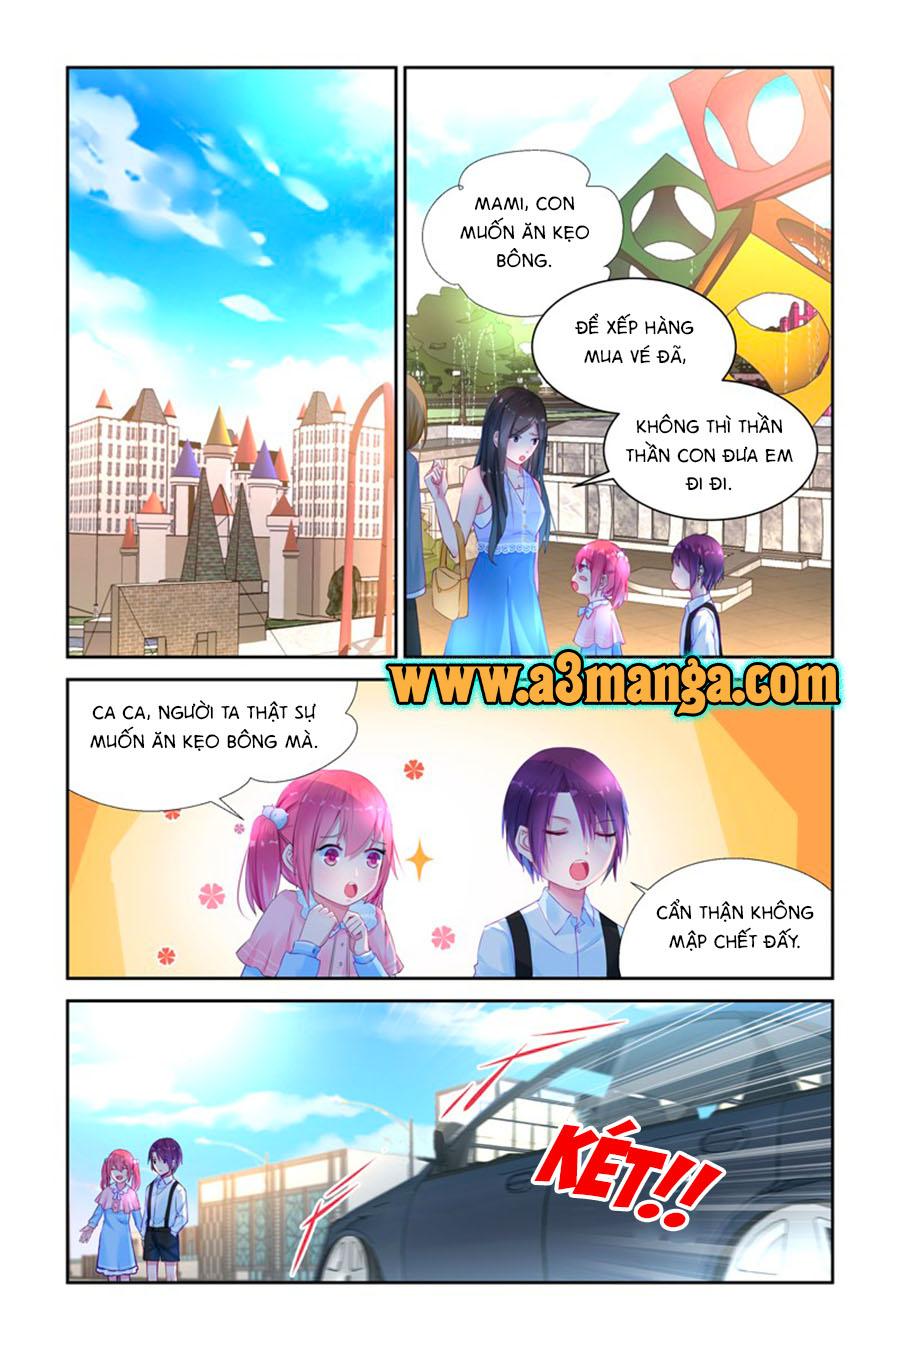 Bá Tình Ác Thiếu: Dạy Bảo Tiểu Đào Thê Chap 009